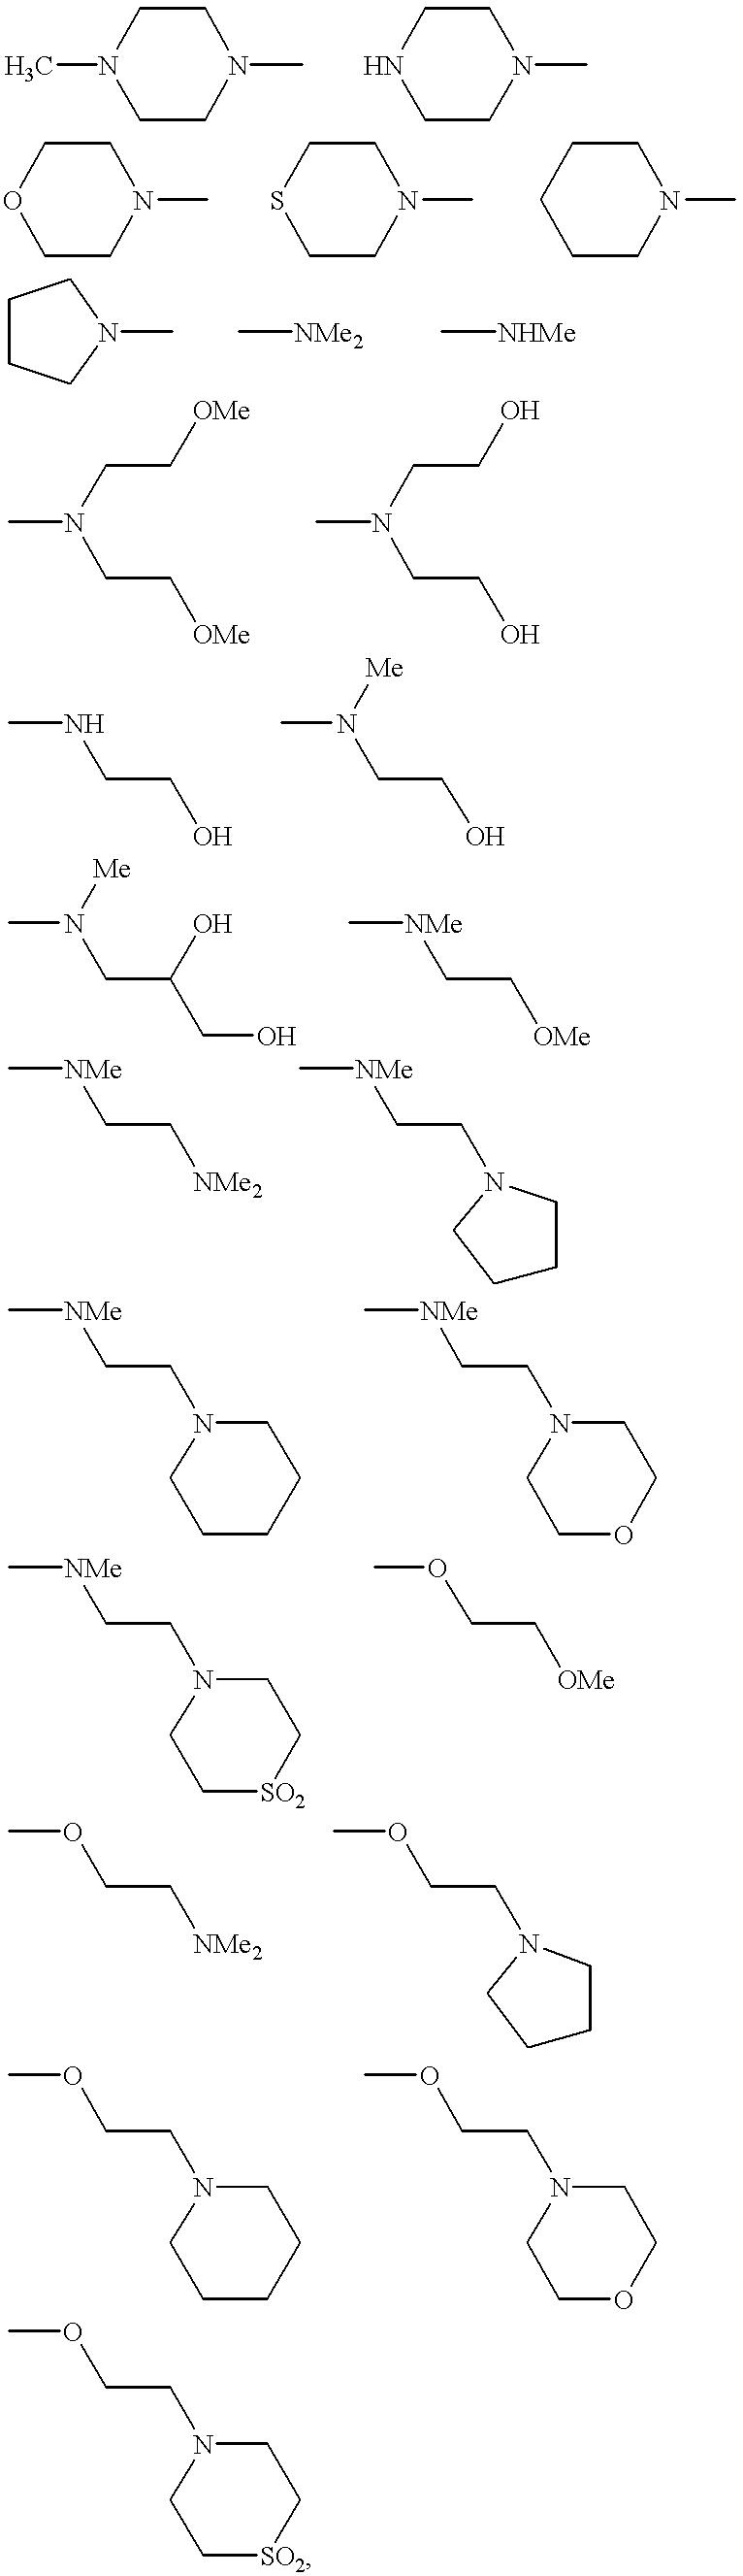 Figure US06376515-20020423-C00156